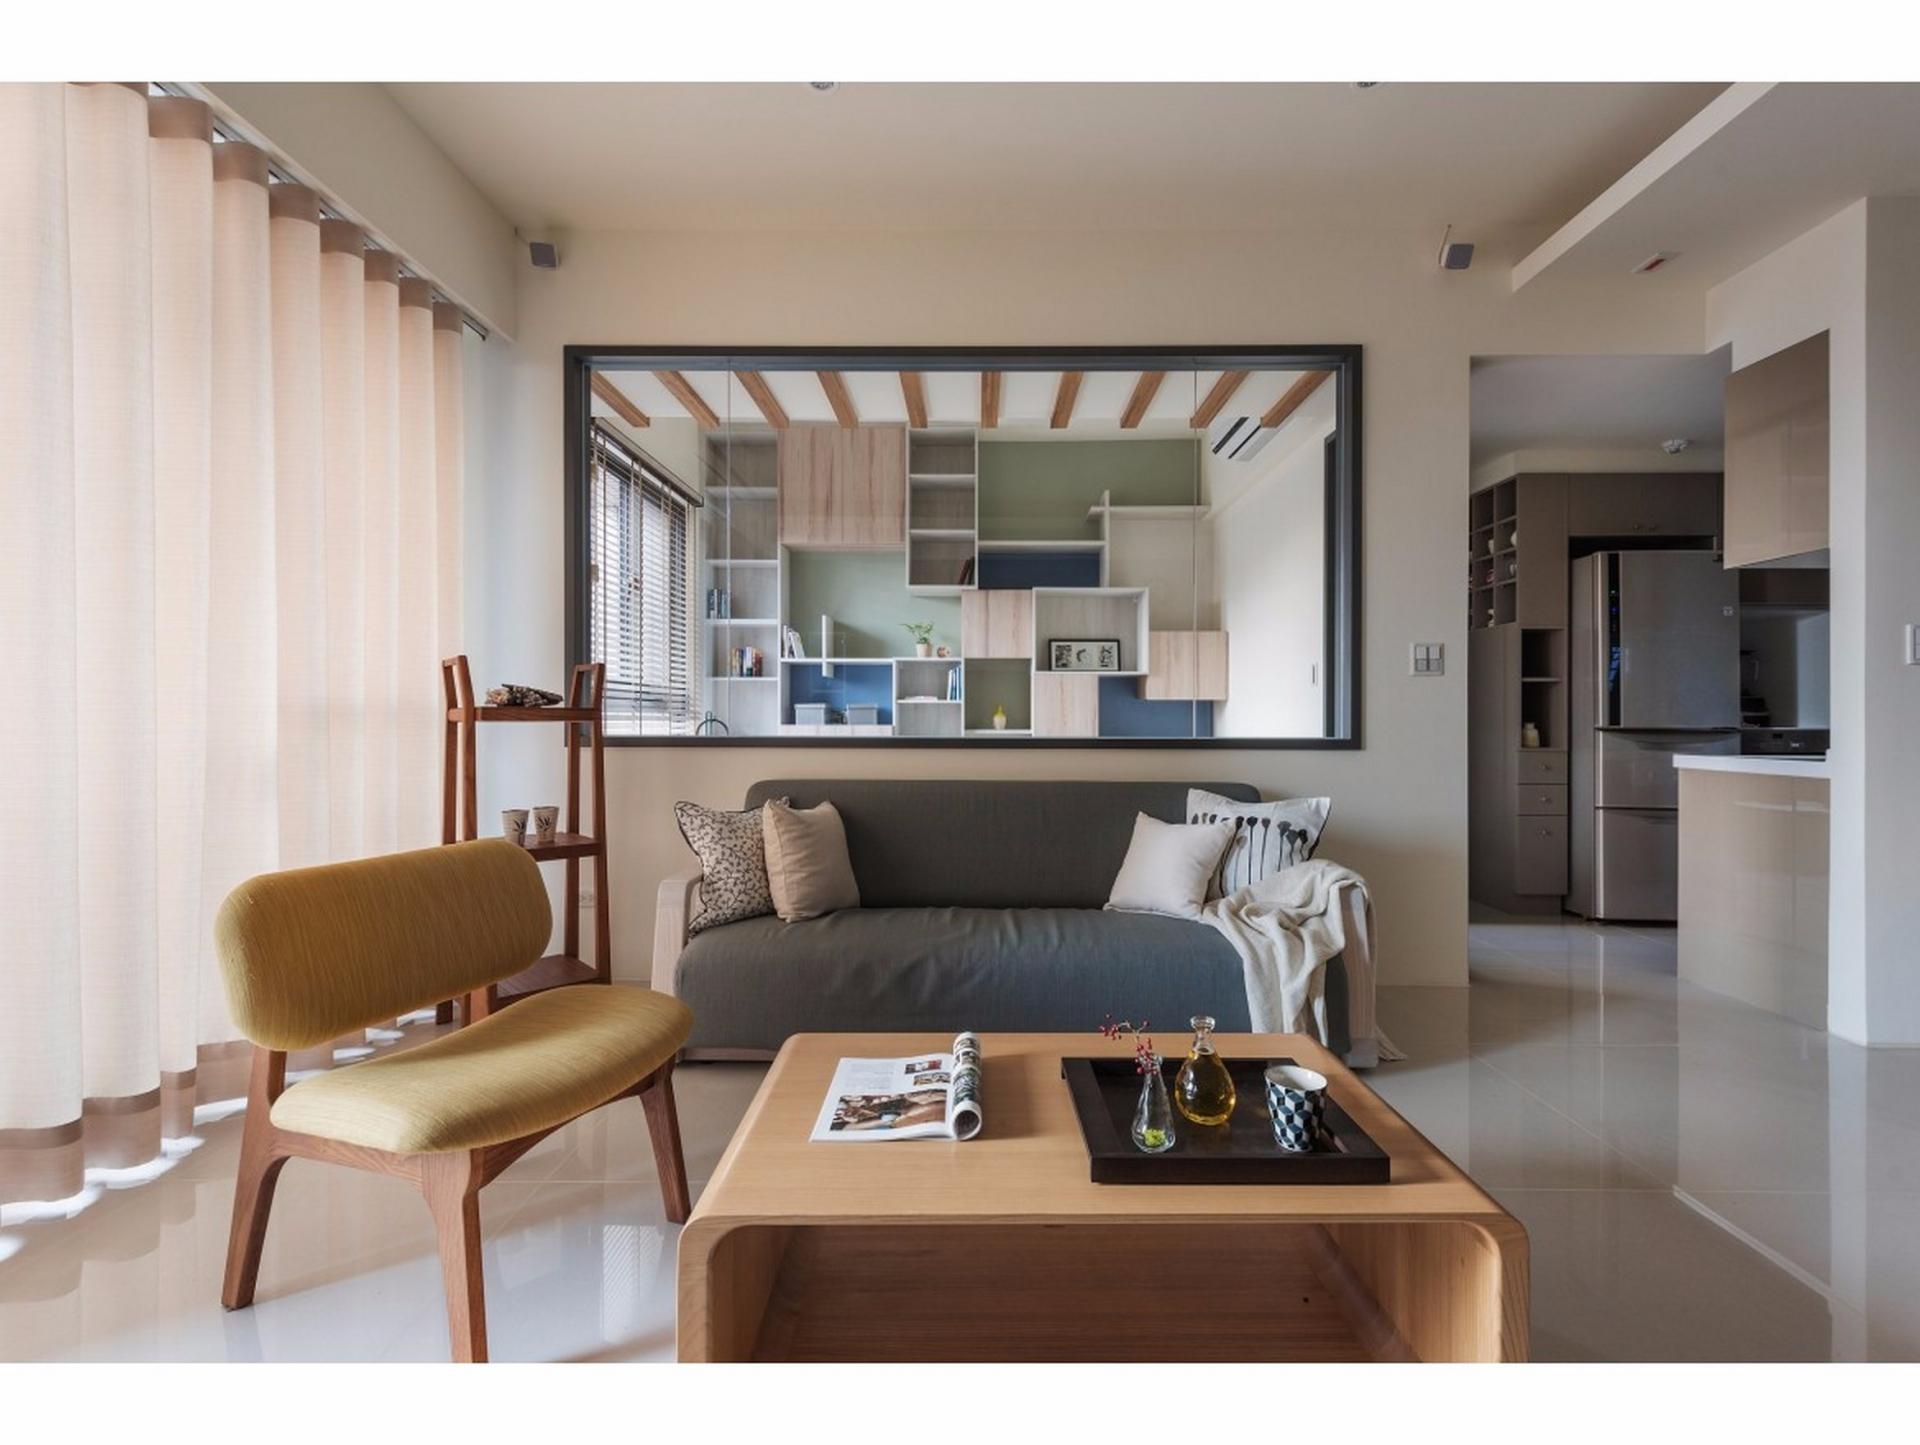 56平米单身小公寓图_7